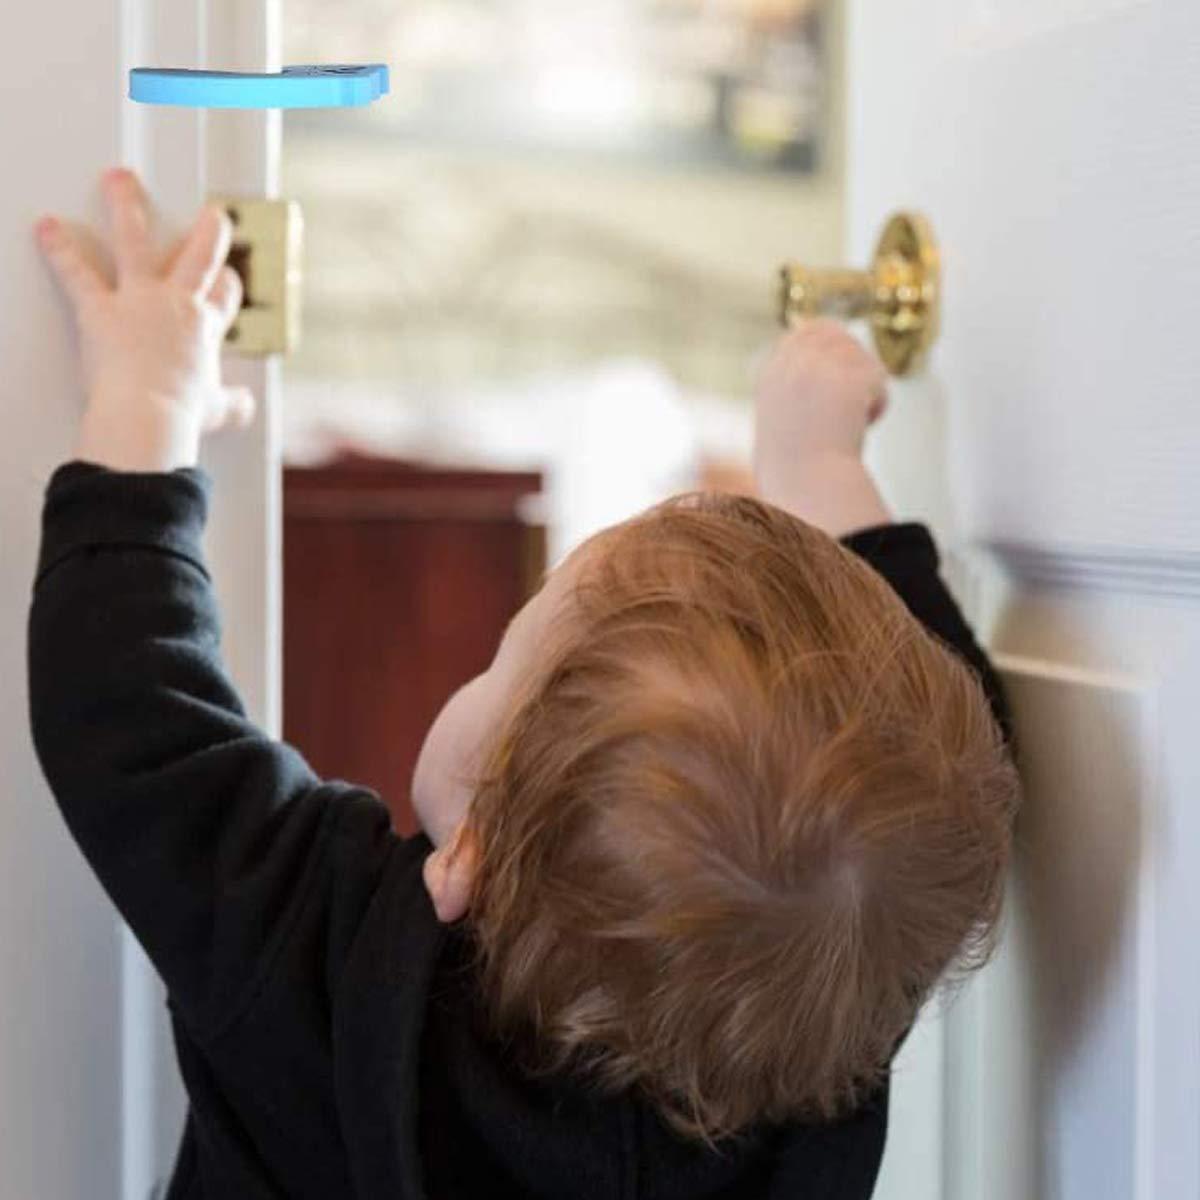 t/ürstopper schaumstoff tier Fiyuer 20 Pcs Finger klemmschutz f/ür t/üren und Fenster T/ür kinder f/ür Baby Schutz Kindersicherung verhindert Das Einklemmen von Kinderfingern